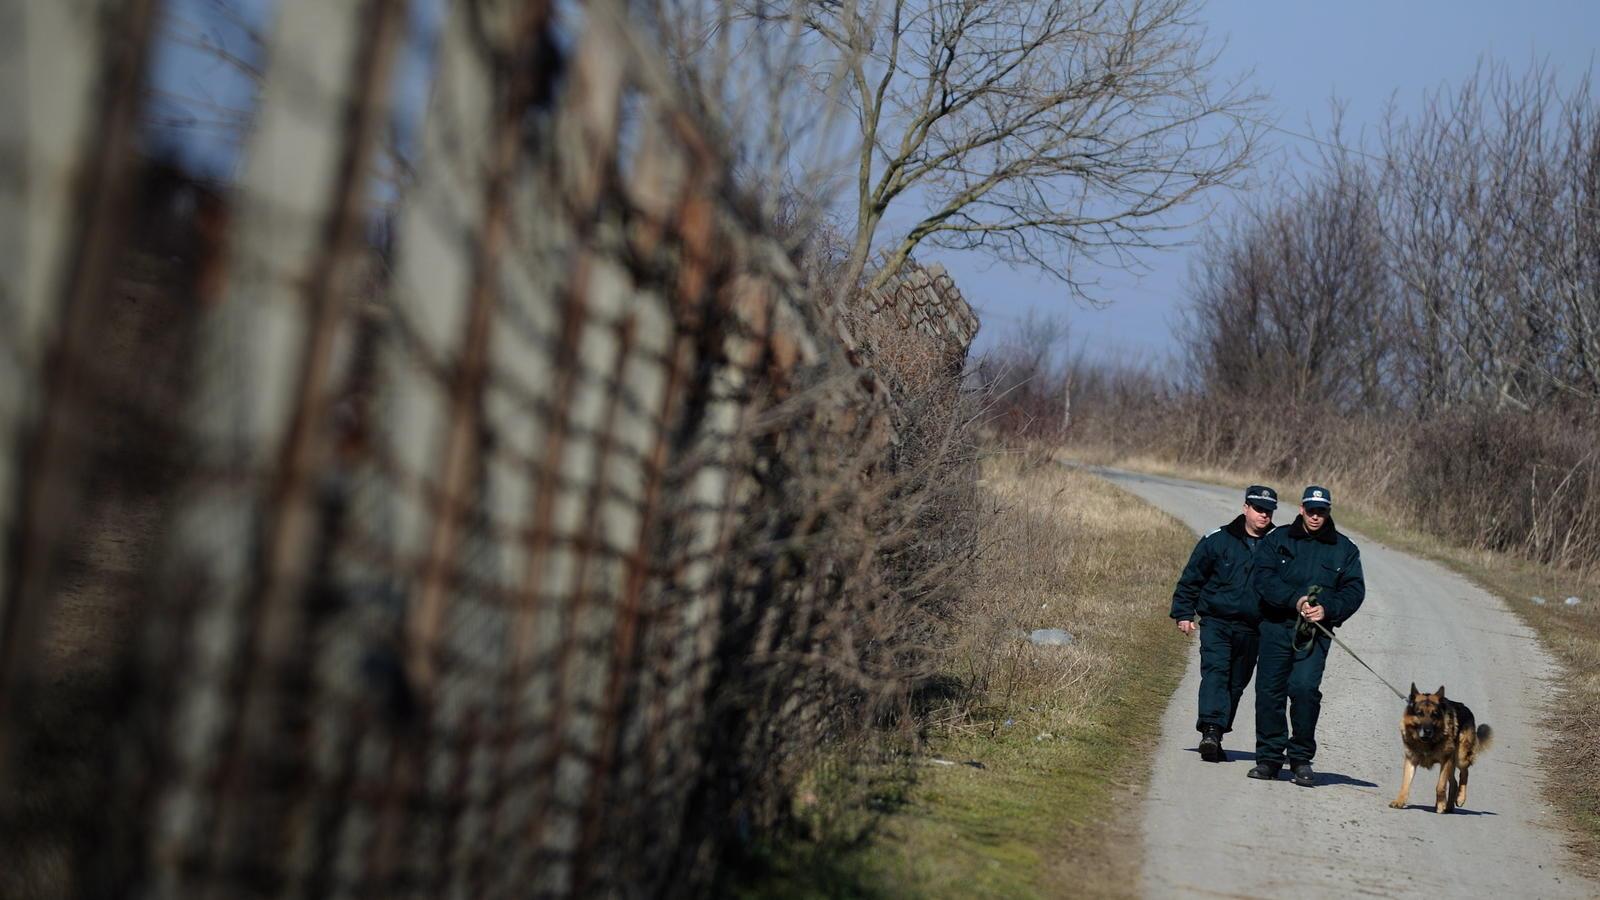 Die Grenze zwischen Bulgarien und der Türkei wird stärker bewacht - dadurch rücken andere Länder in den Fokus.